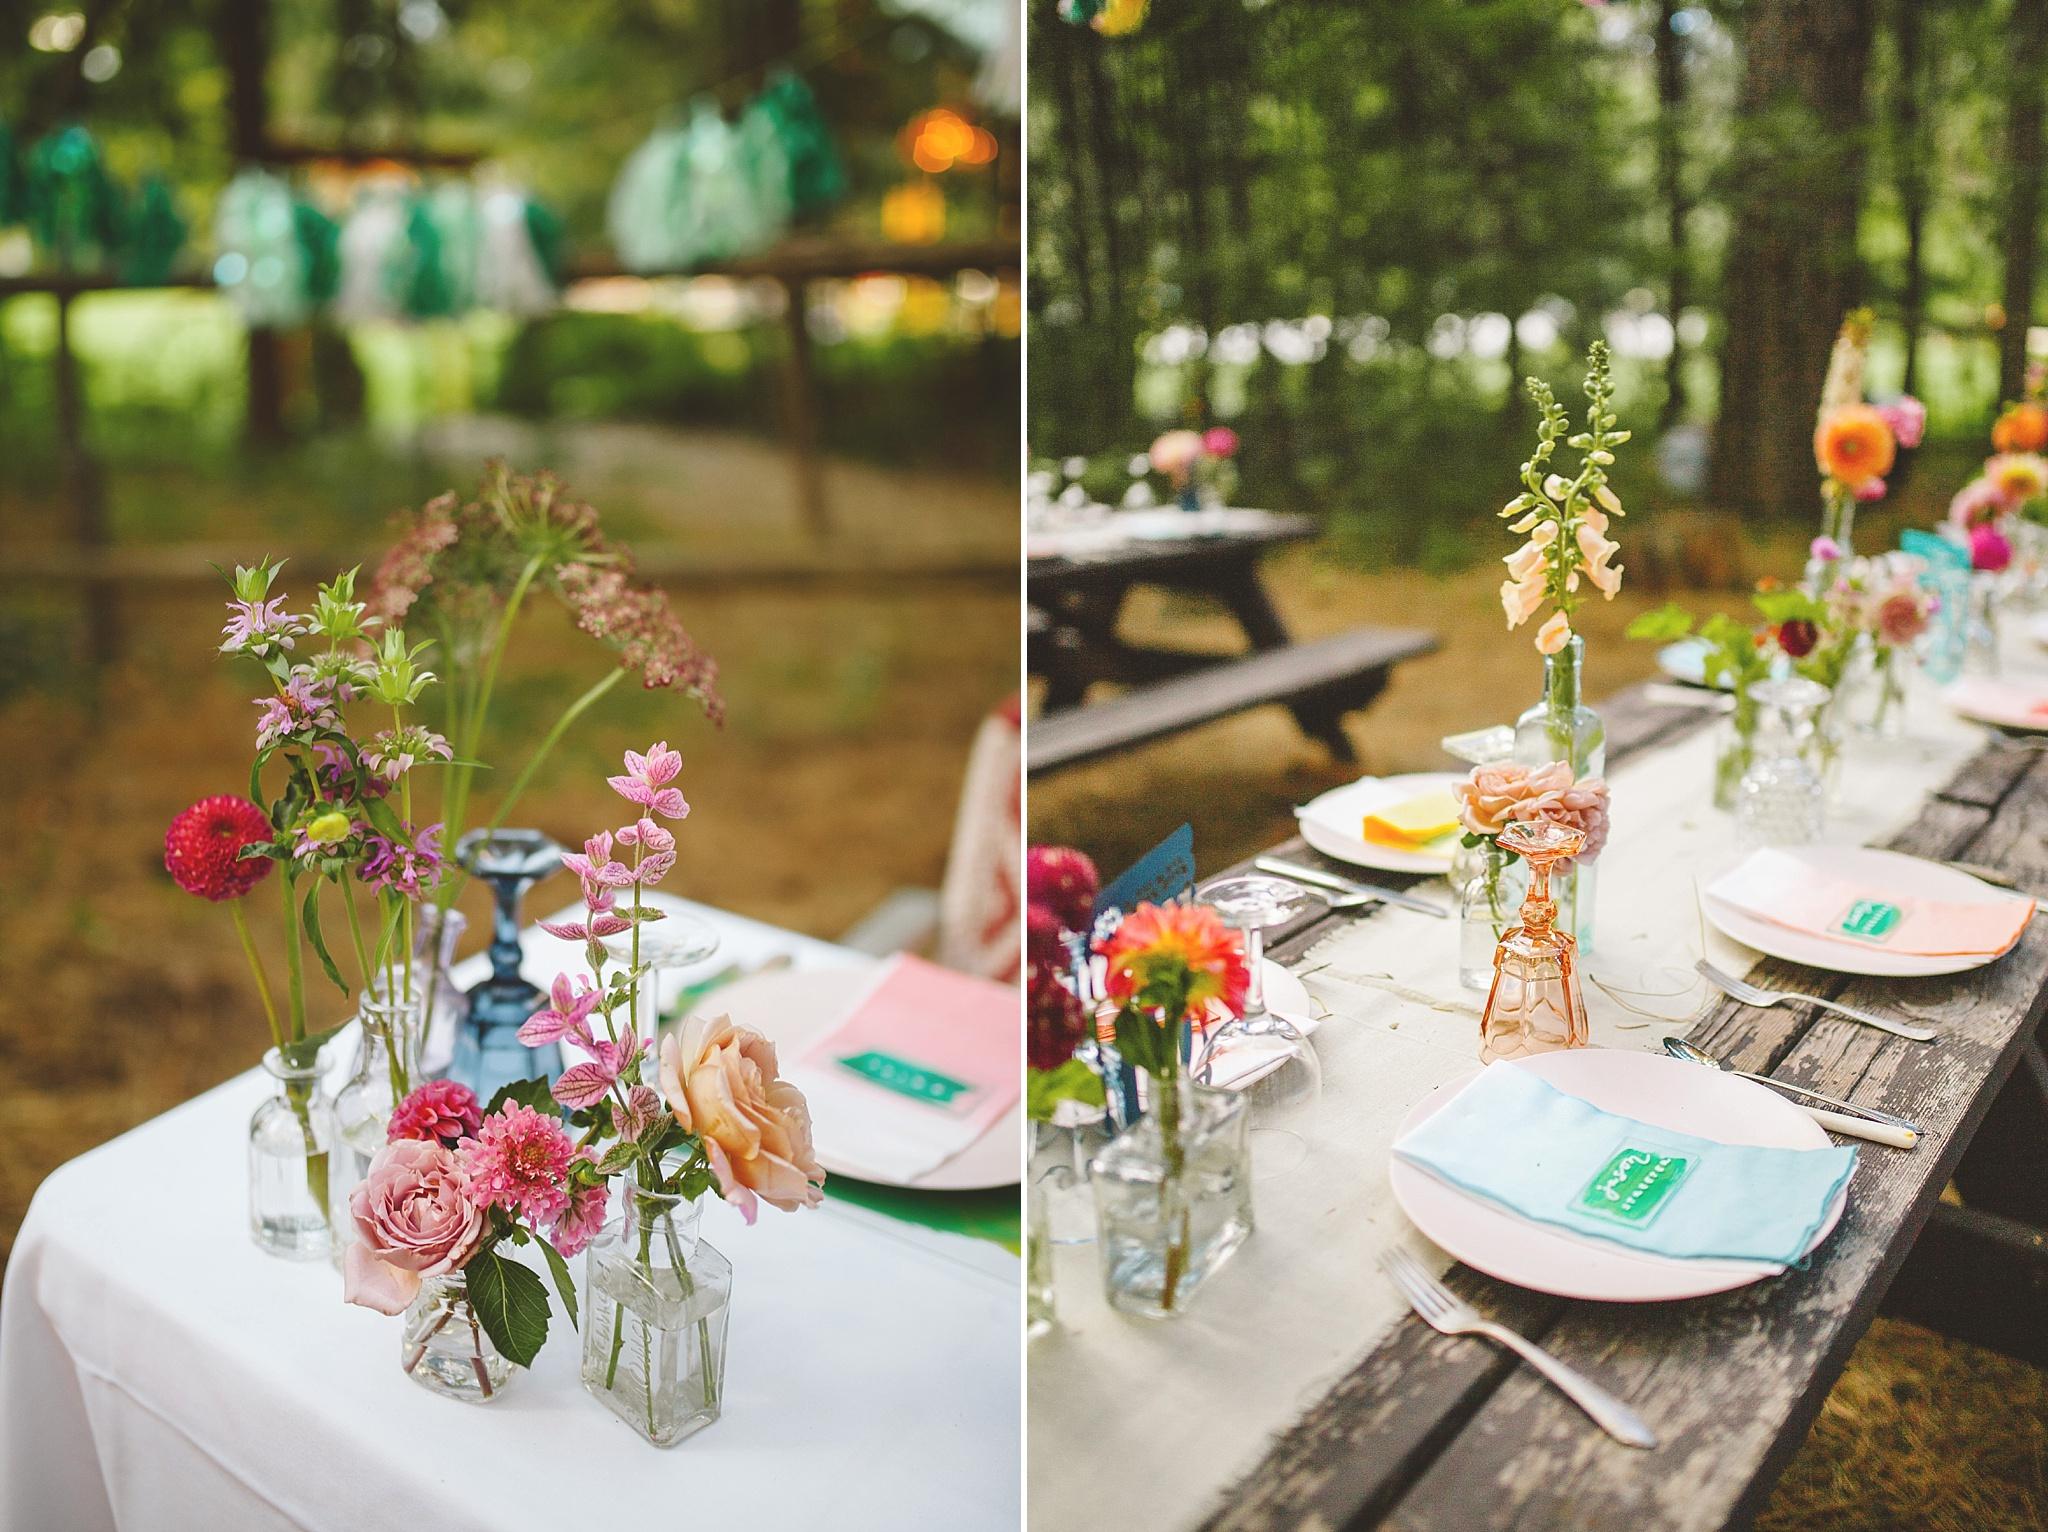 wedding details for woodland wedding reception